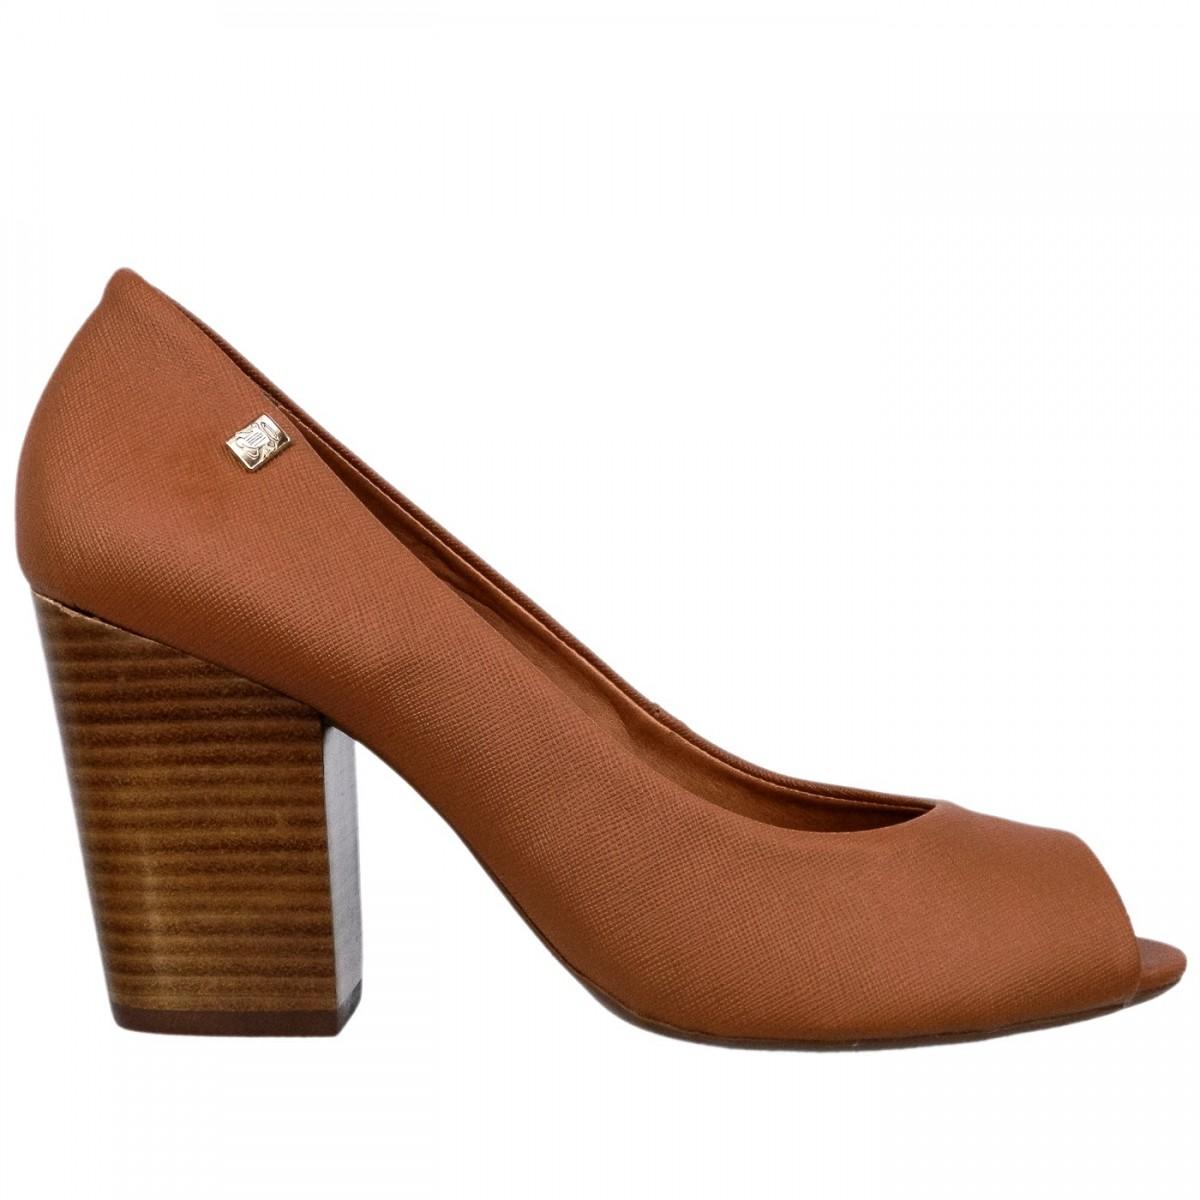 13b6e72775dcb Bizz Store - Sapato Peep Toe Feminino Loucos e Santos Verniz Nude